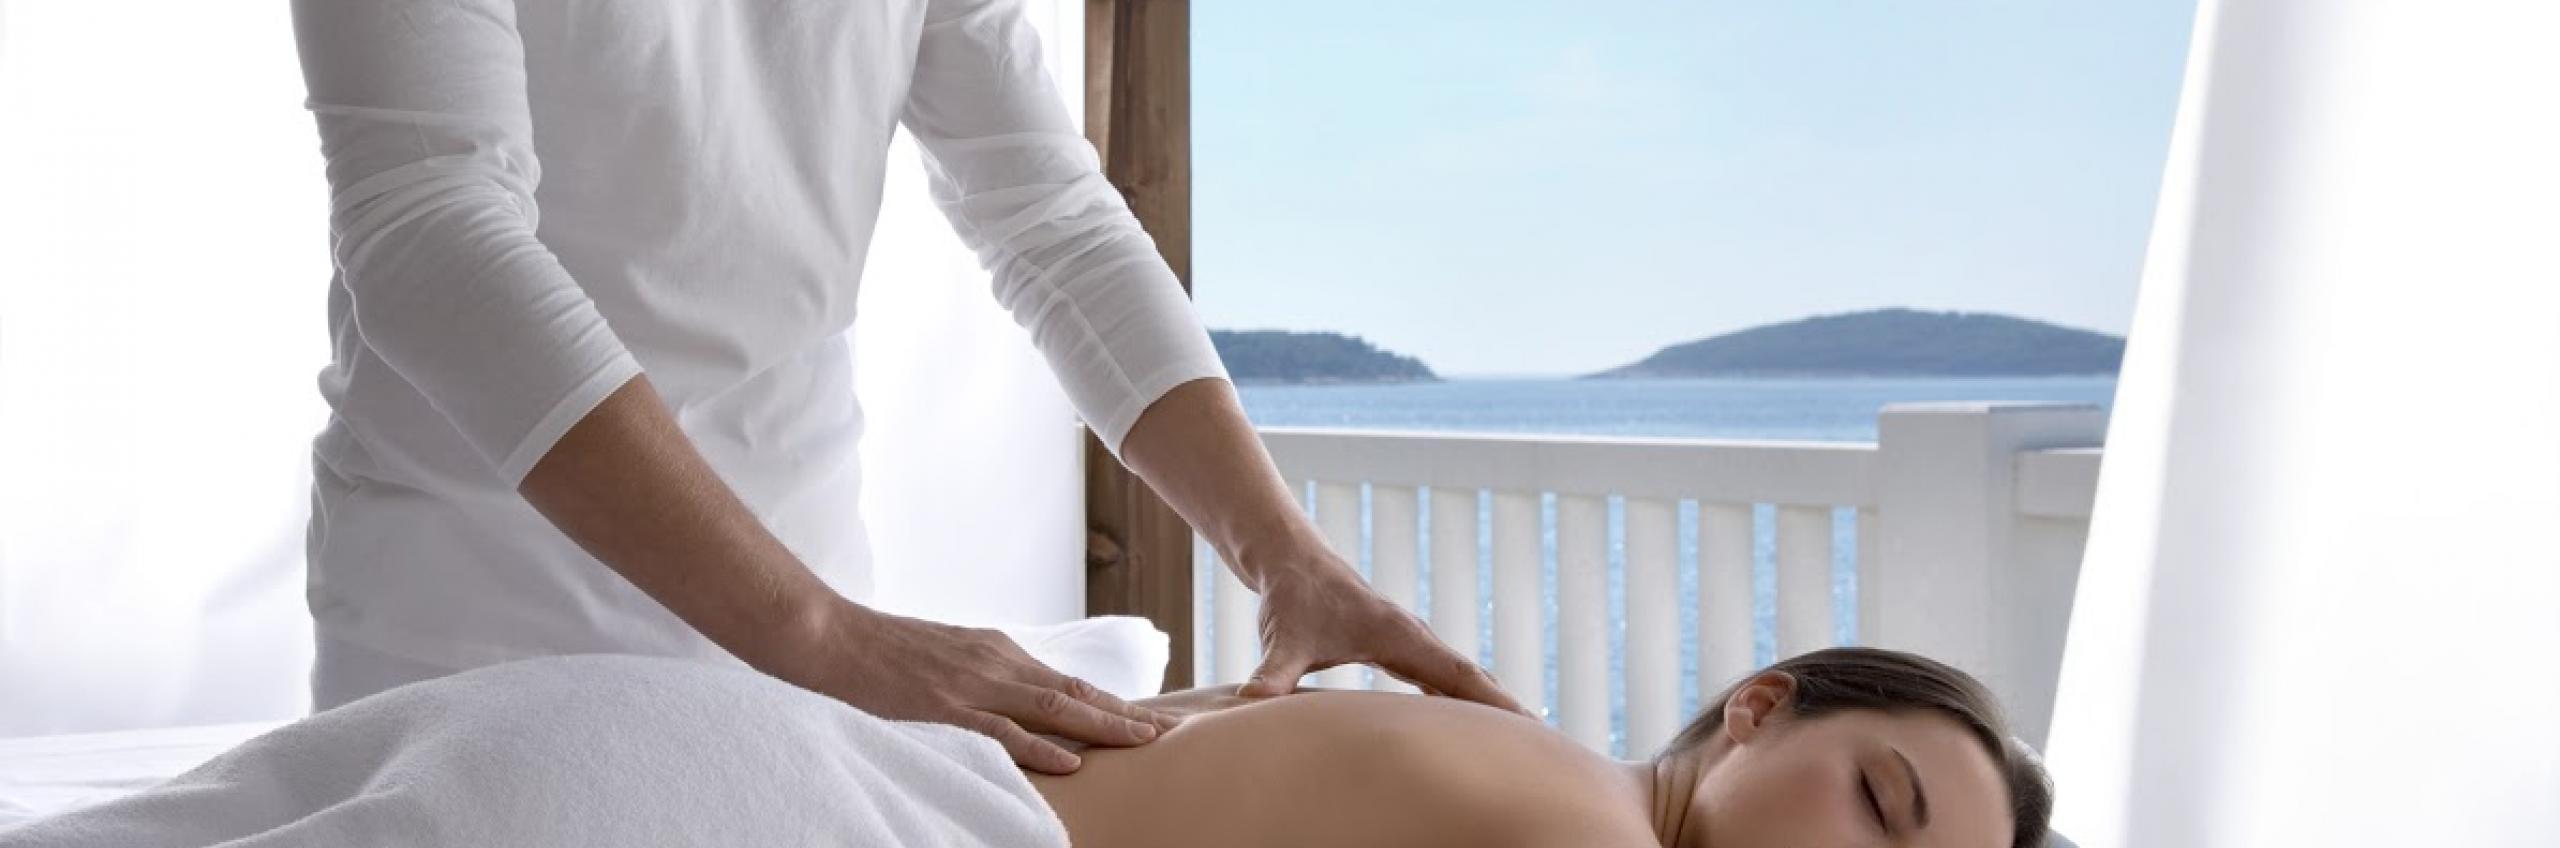 Massaggio firma Sensori